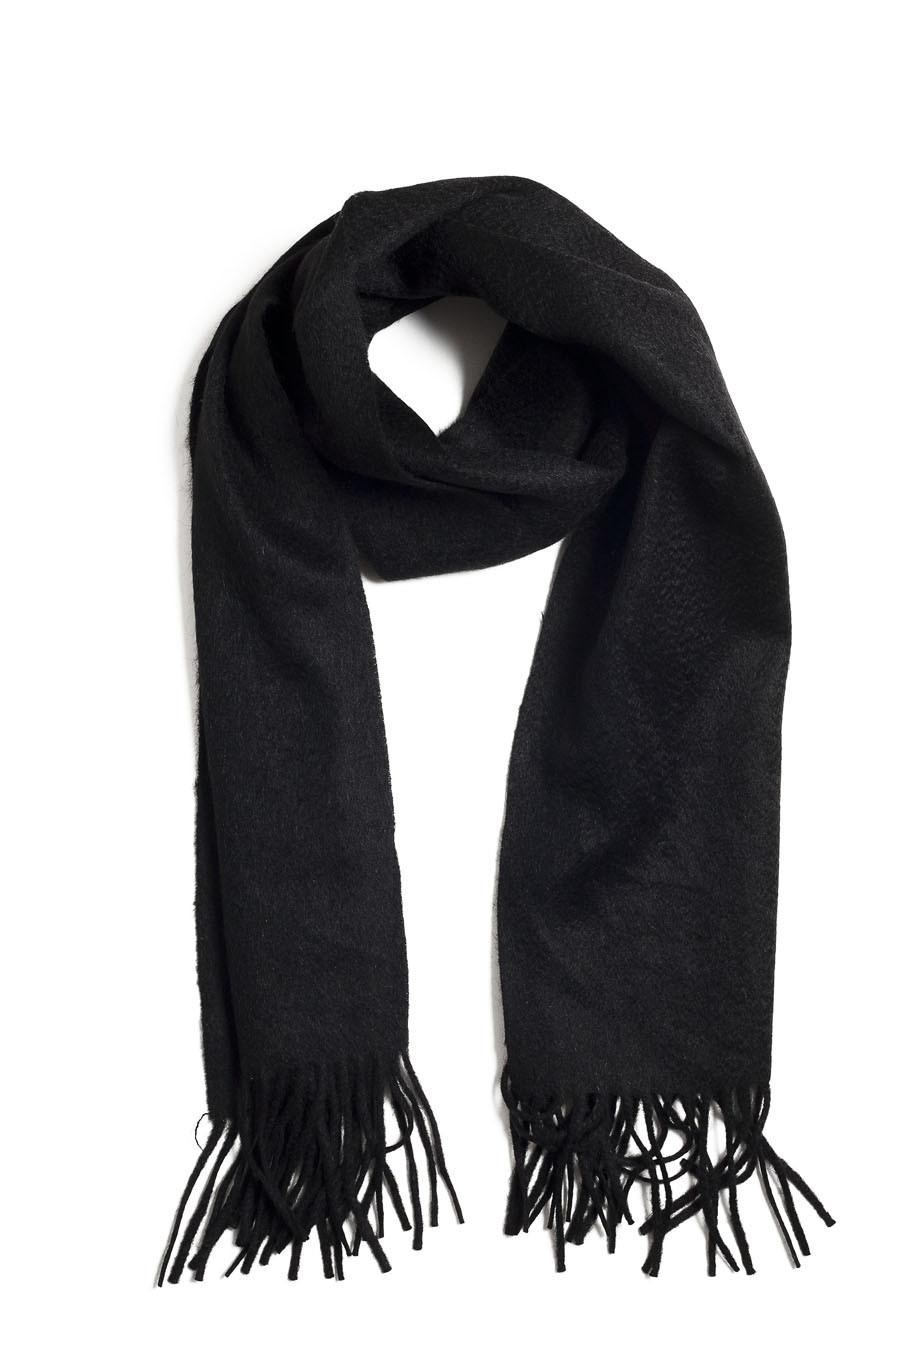 63fb6629fe Echarpe cachemire : Modèle BENALLA, cachemire laine 2 fils, noir